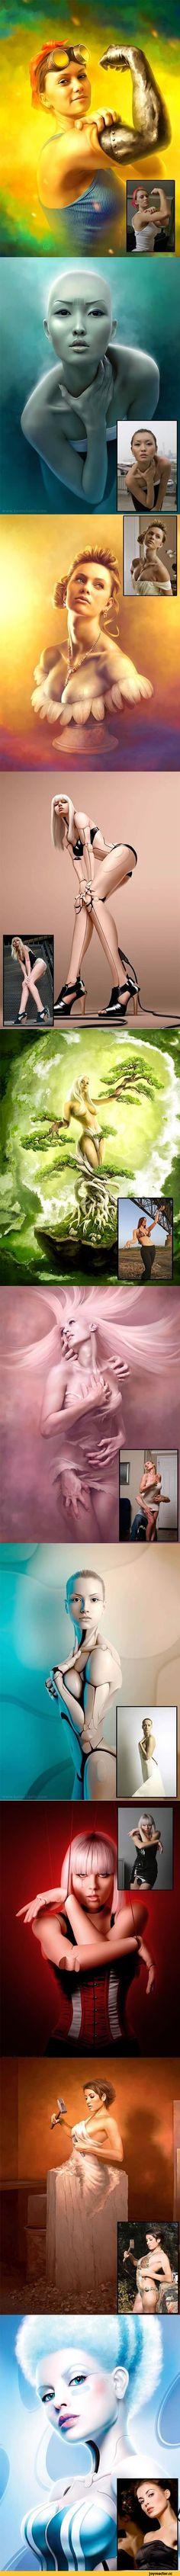 art барышня,красивые картинки,иллюстрация,обработка фото,под катом еще